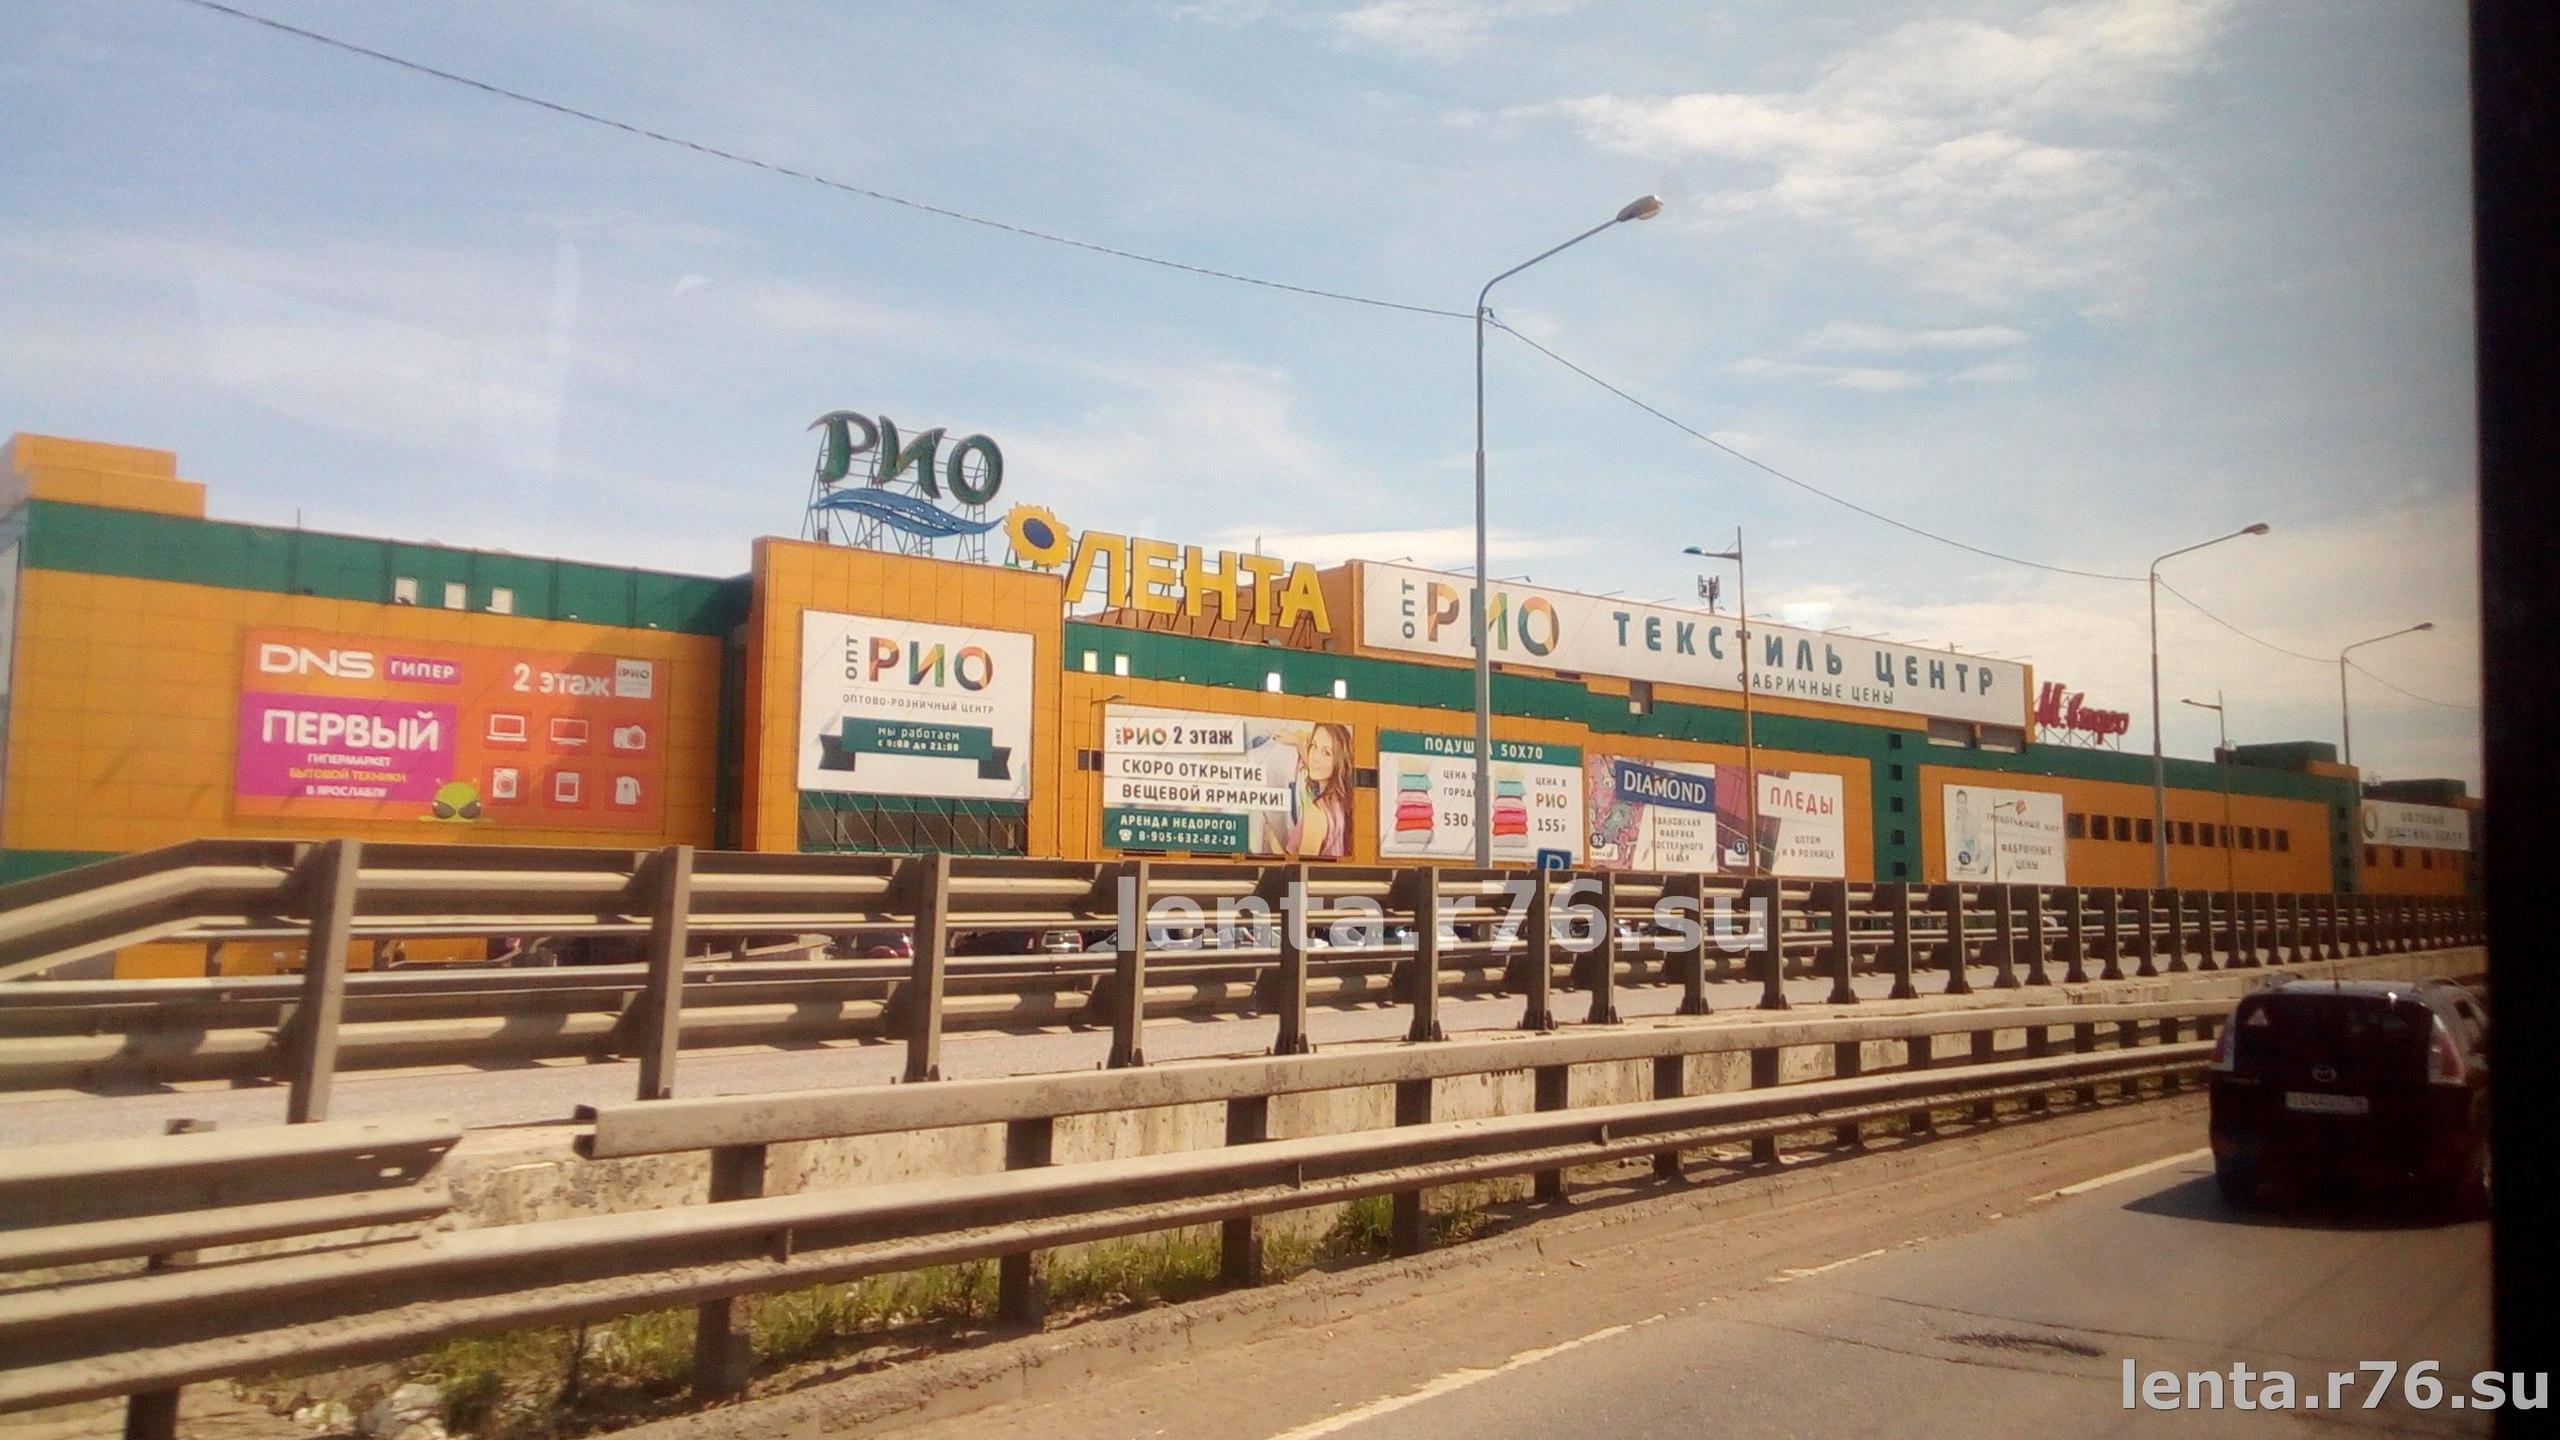 В Дзержинском районе Ярославля эвакуировали торговый центр «Рио»